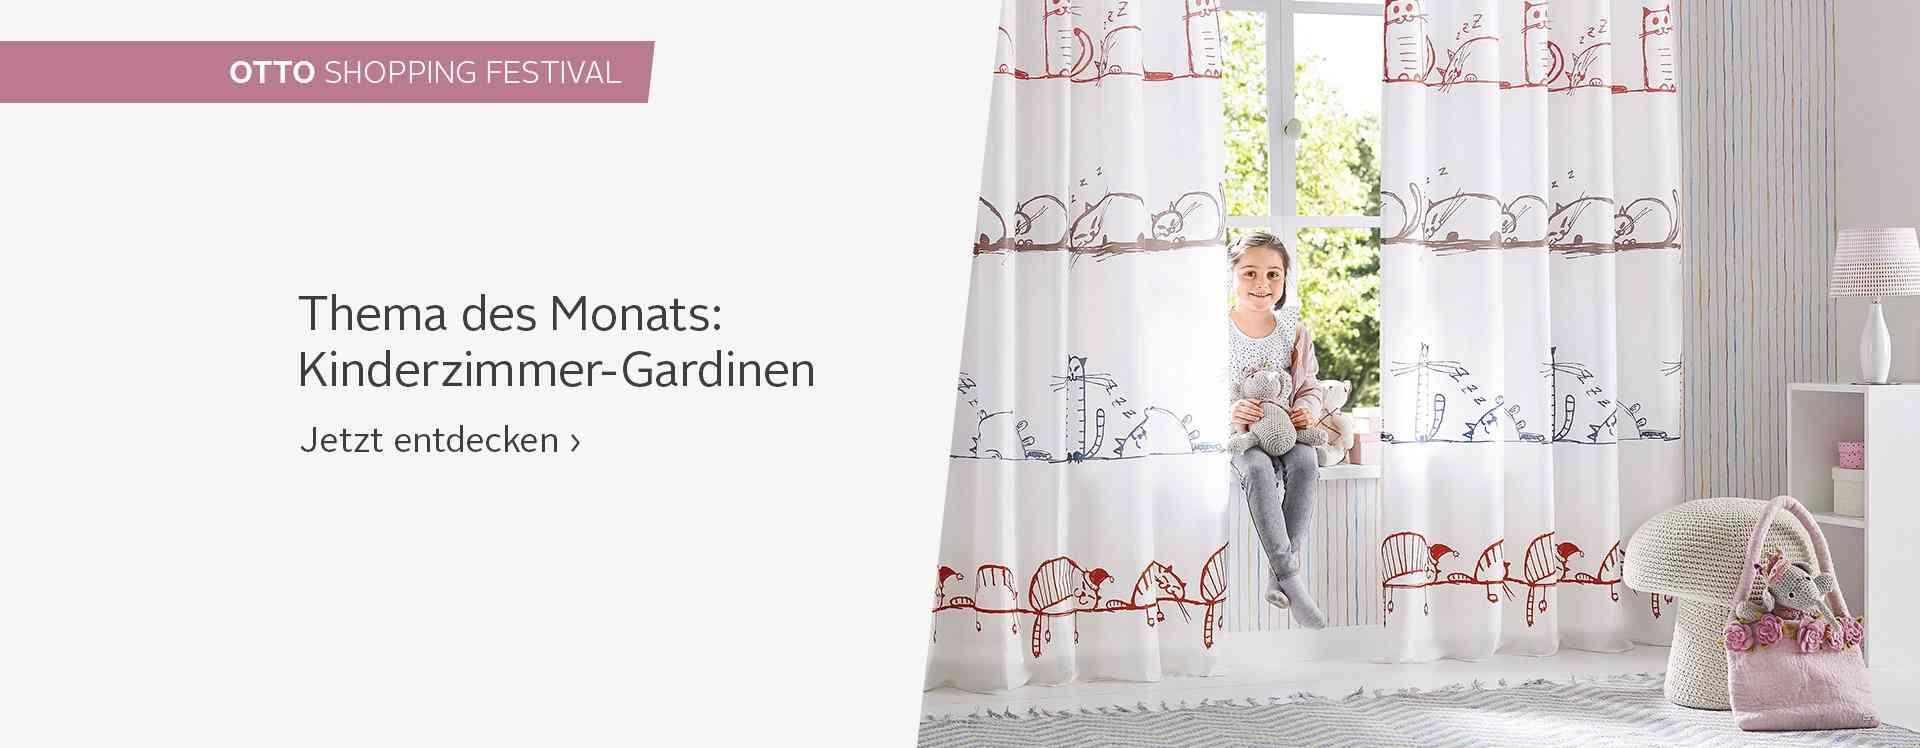 Unsere Kindergardinen und Vorhänge mit farbenfrohen Kindermotiven für Ihre Kleinen lassen jedes Kinderherz höher schlagen.